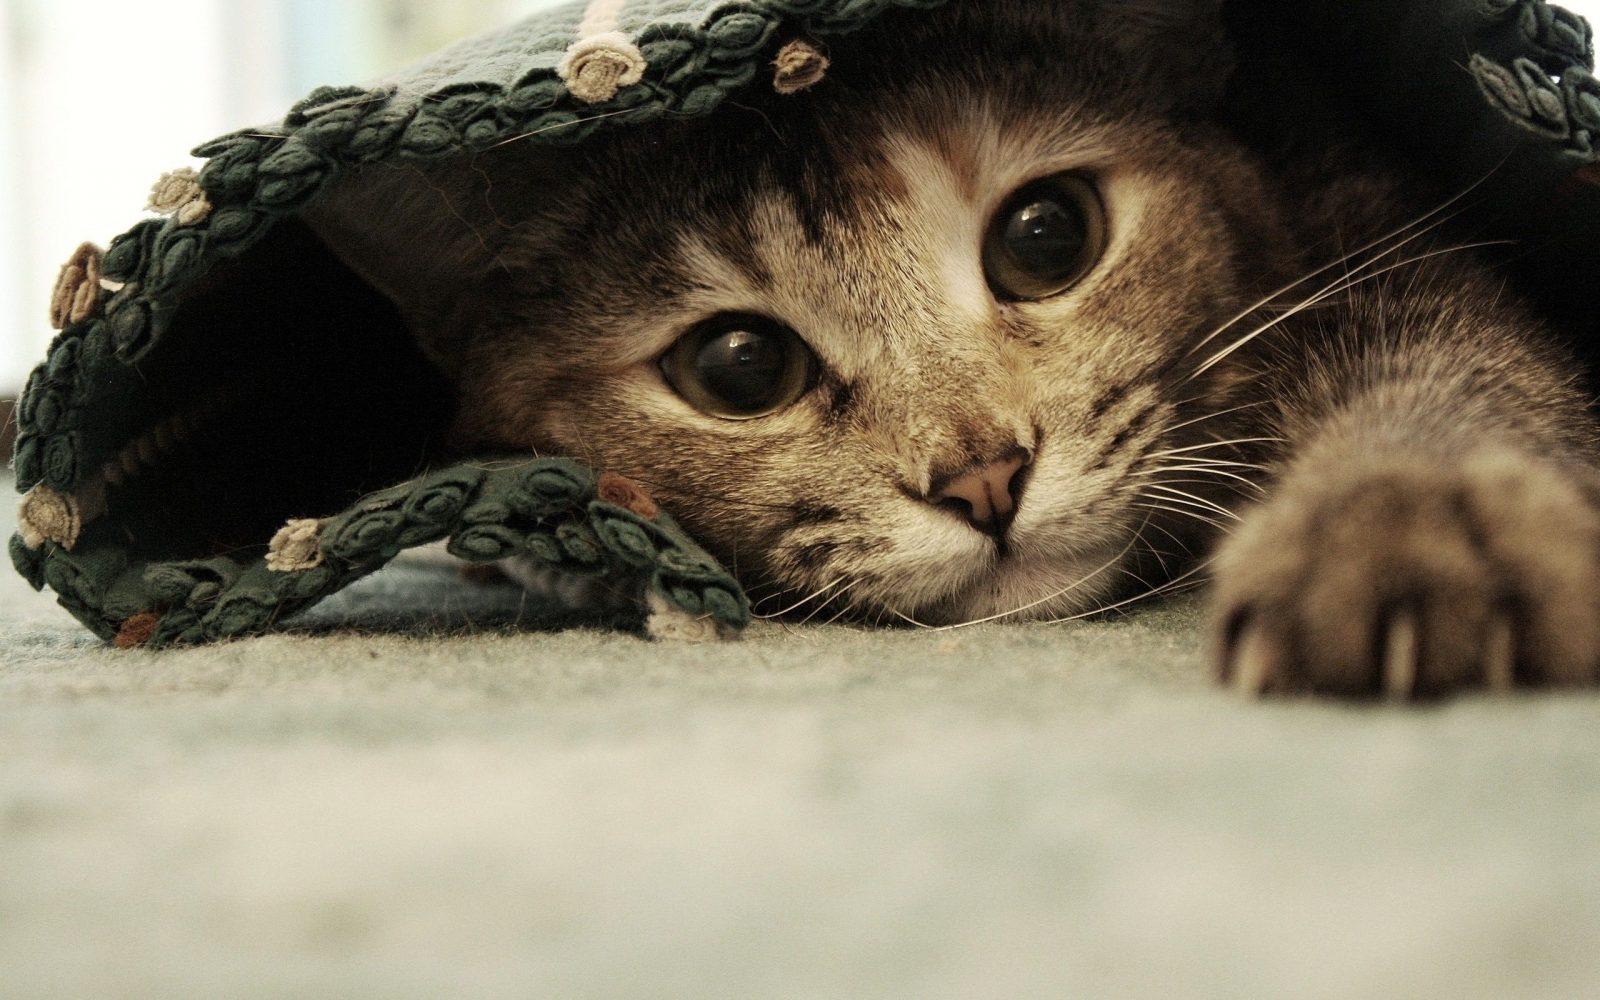 gato com medo de trovao - Cachorro e gato com medo de raio e trovão